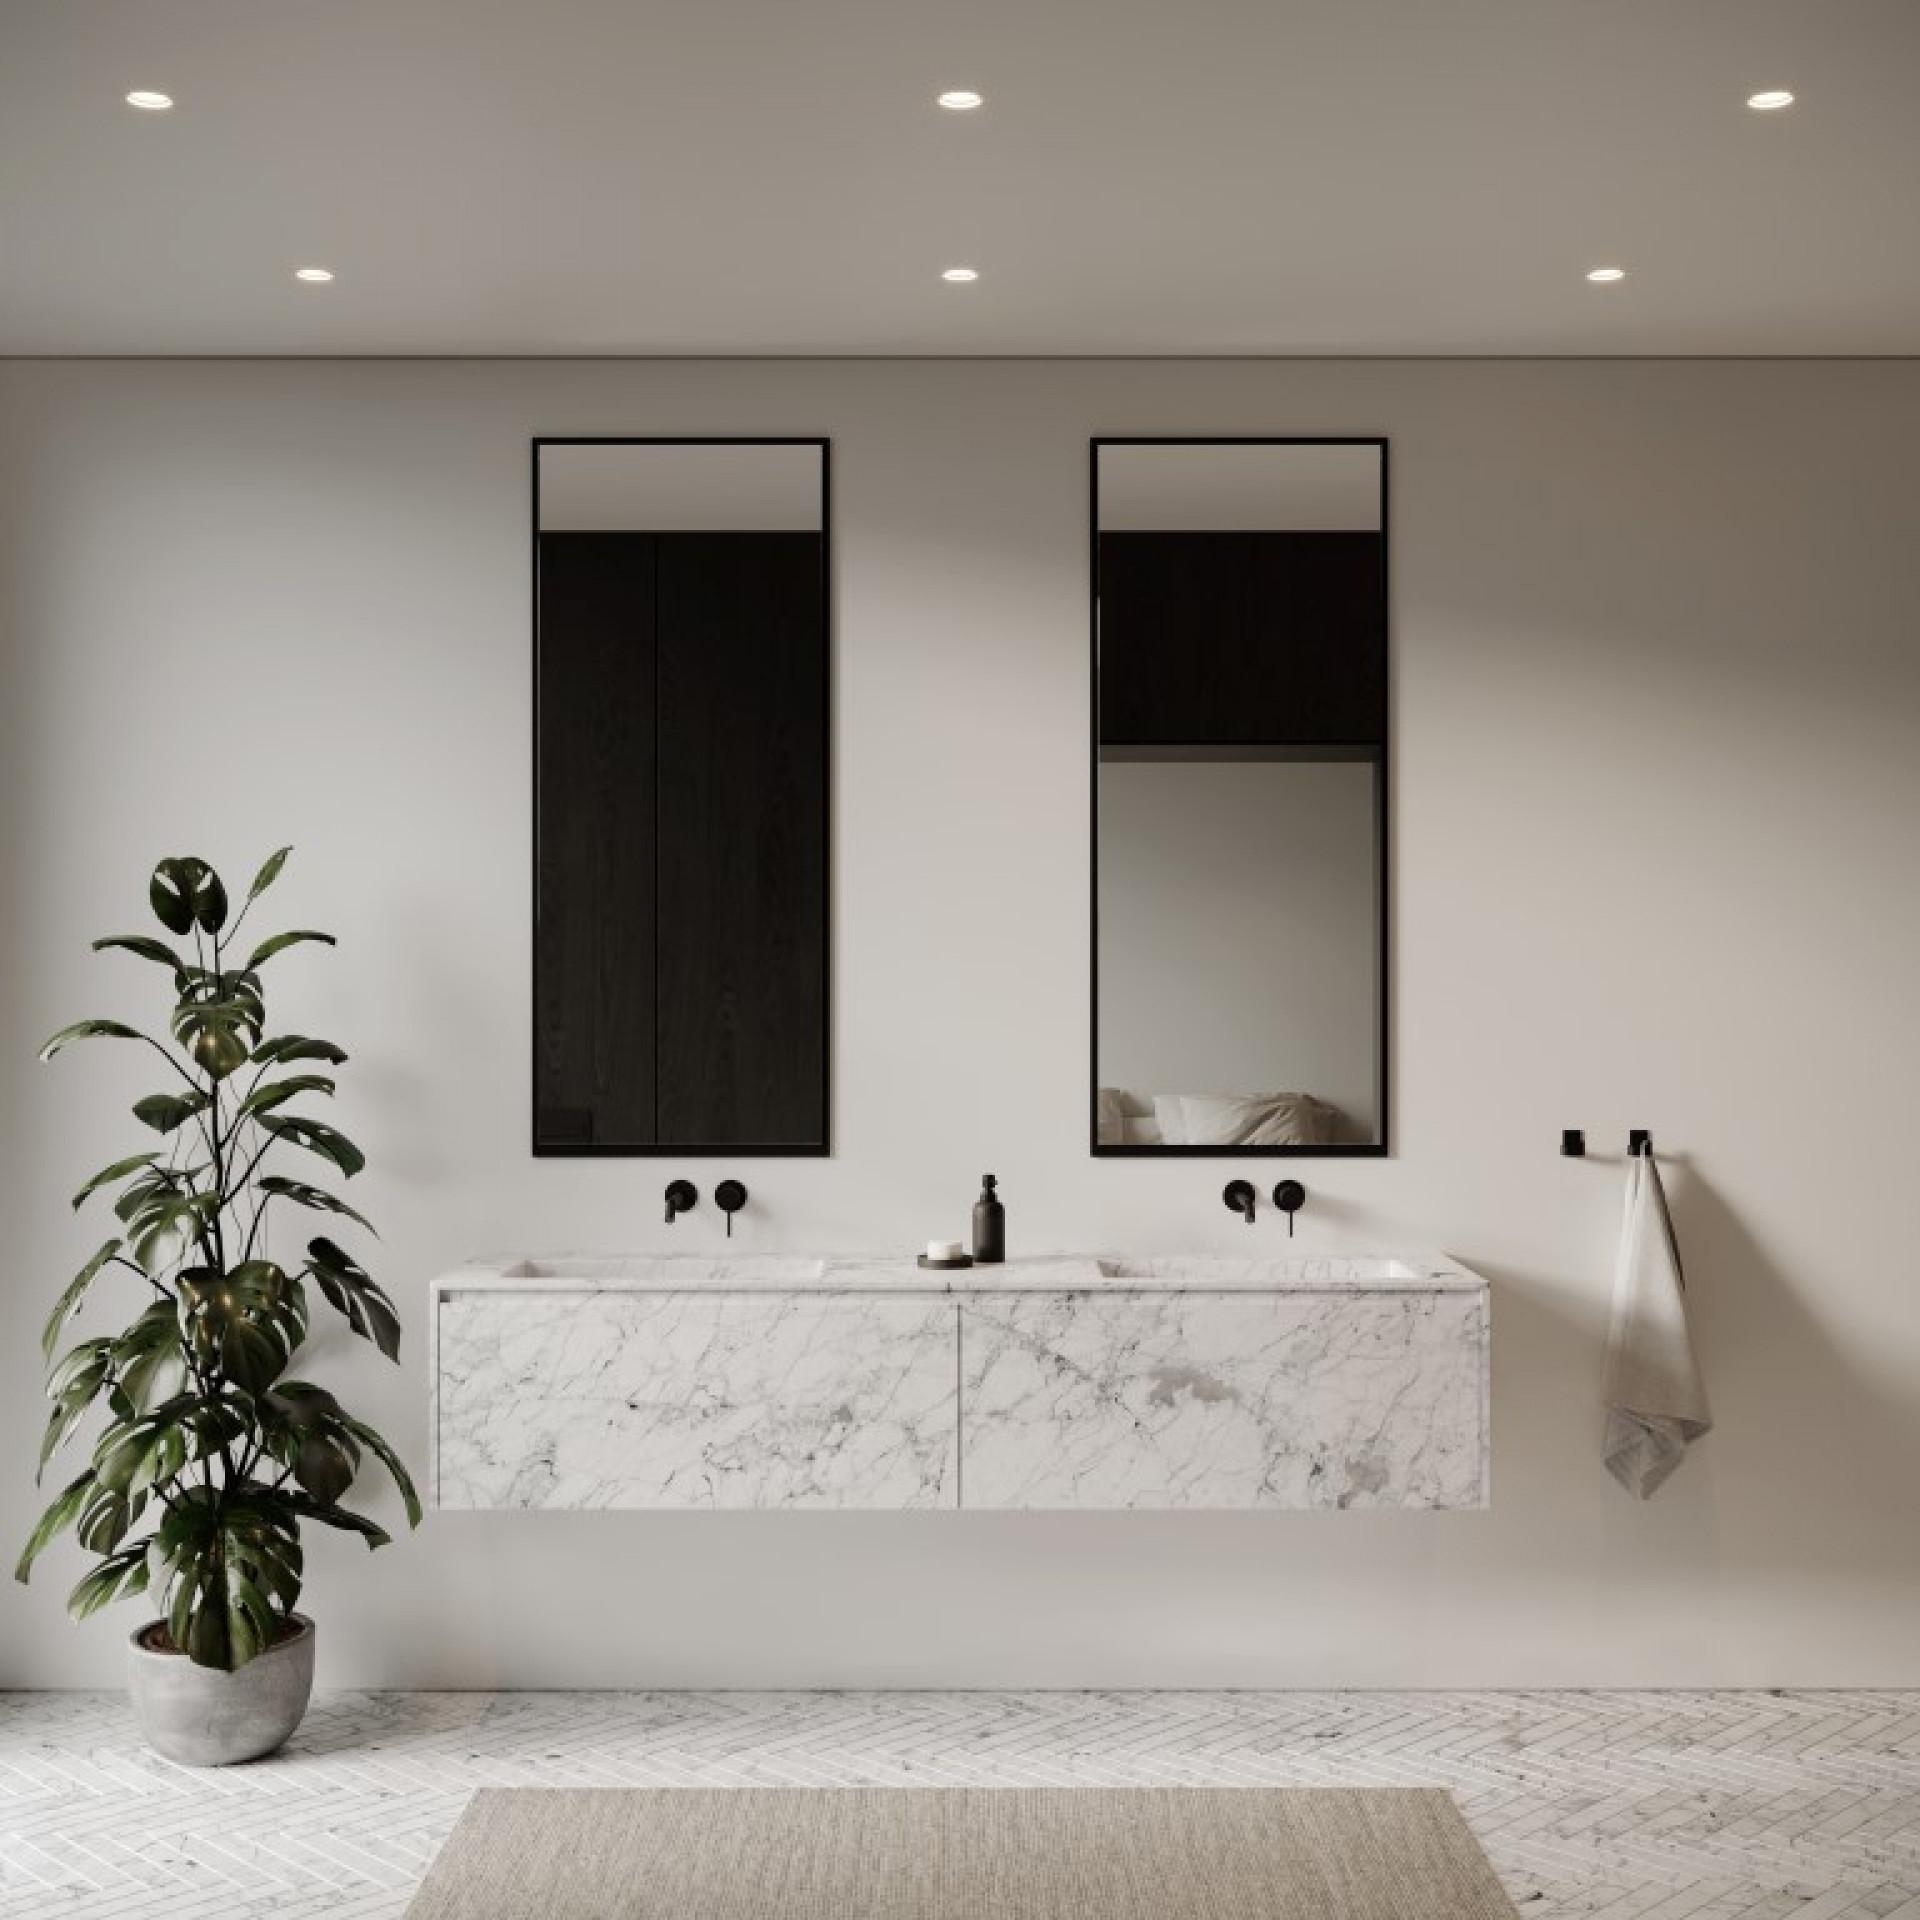 Spiegel Groß 145 x 60 cm   Schwarz